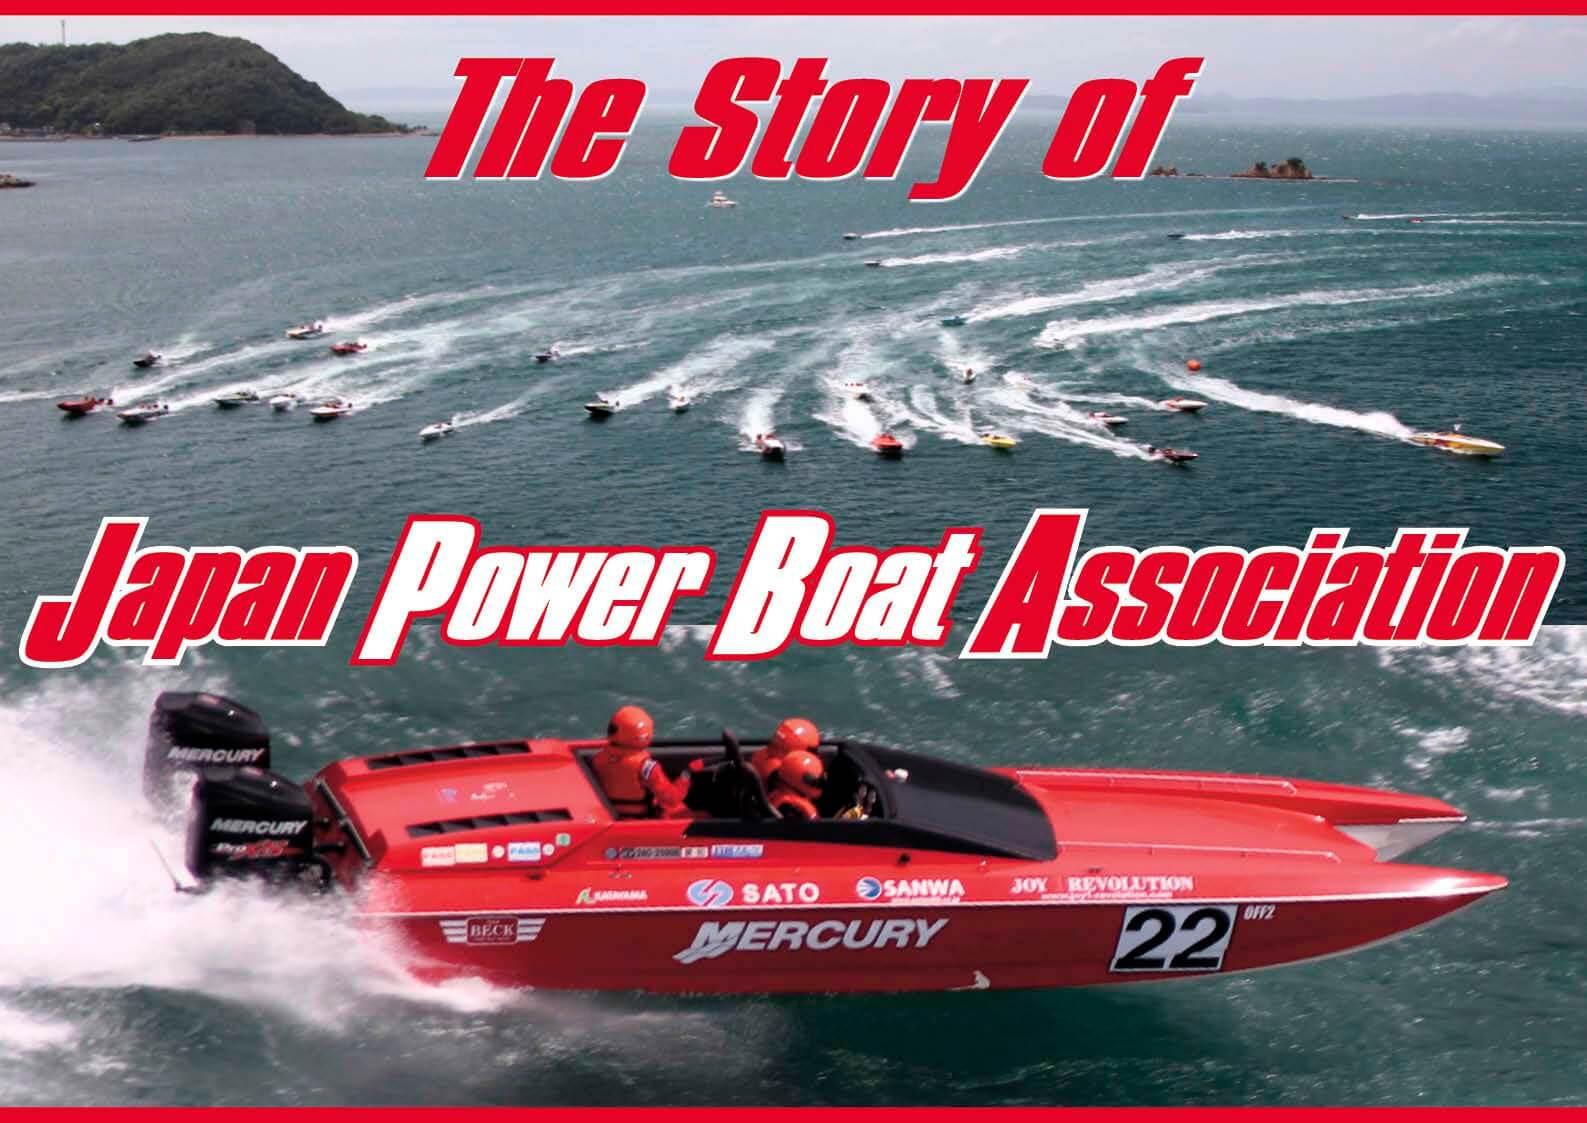 日本パワーボート協会物語 Ver.1「パワーボート」という競技を知っていますか?「パワーボートの今」を作った「小嶋松久」氏  ジェットスキー(水上バイク)